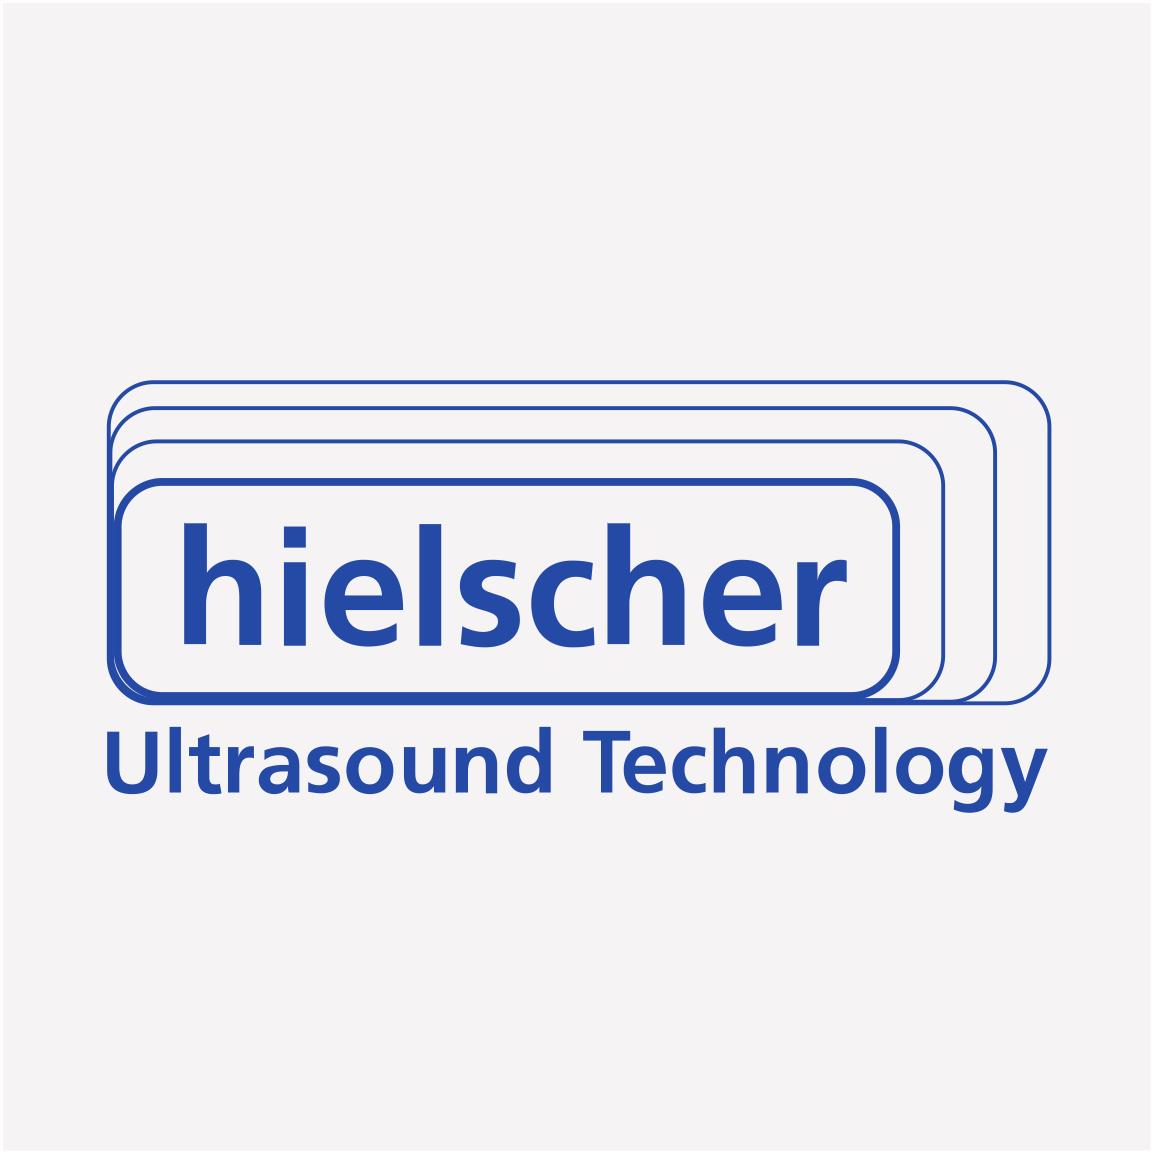 hielscher_logo